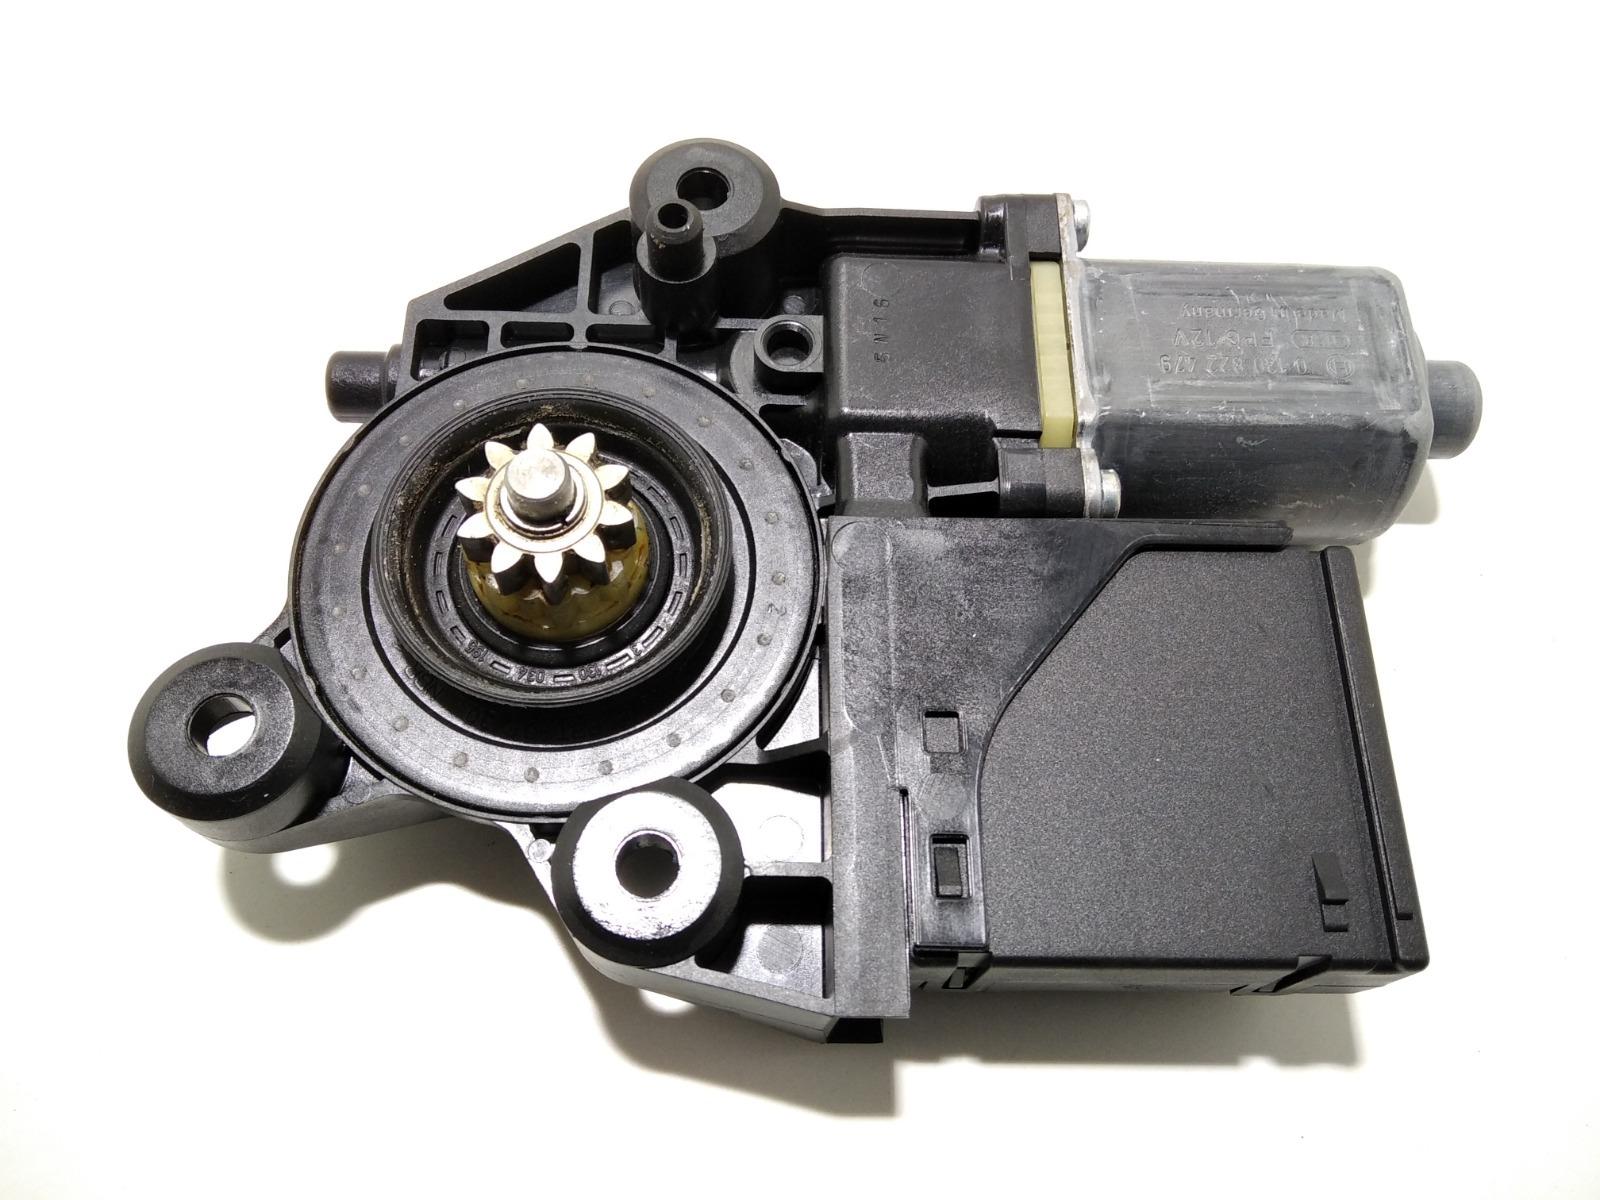 Моторчик стеклоподъемника передний левый Renault Megane 1.6 I 2011 (б/у)